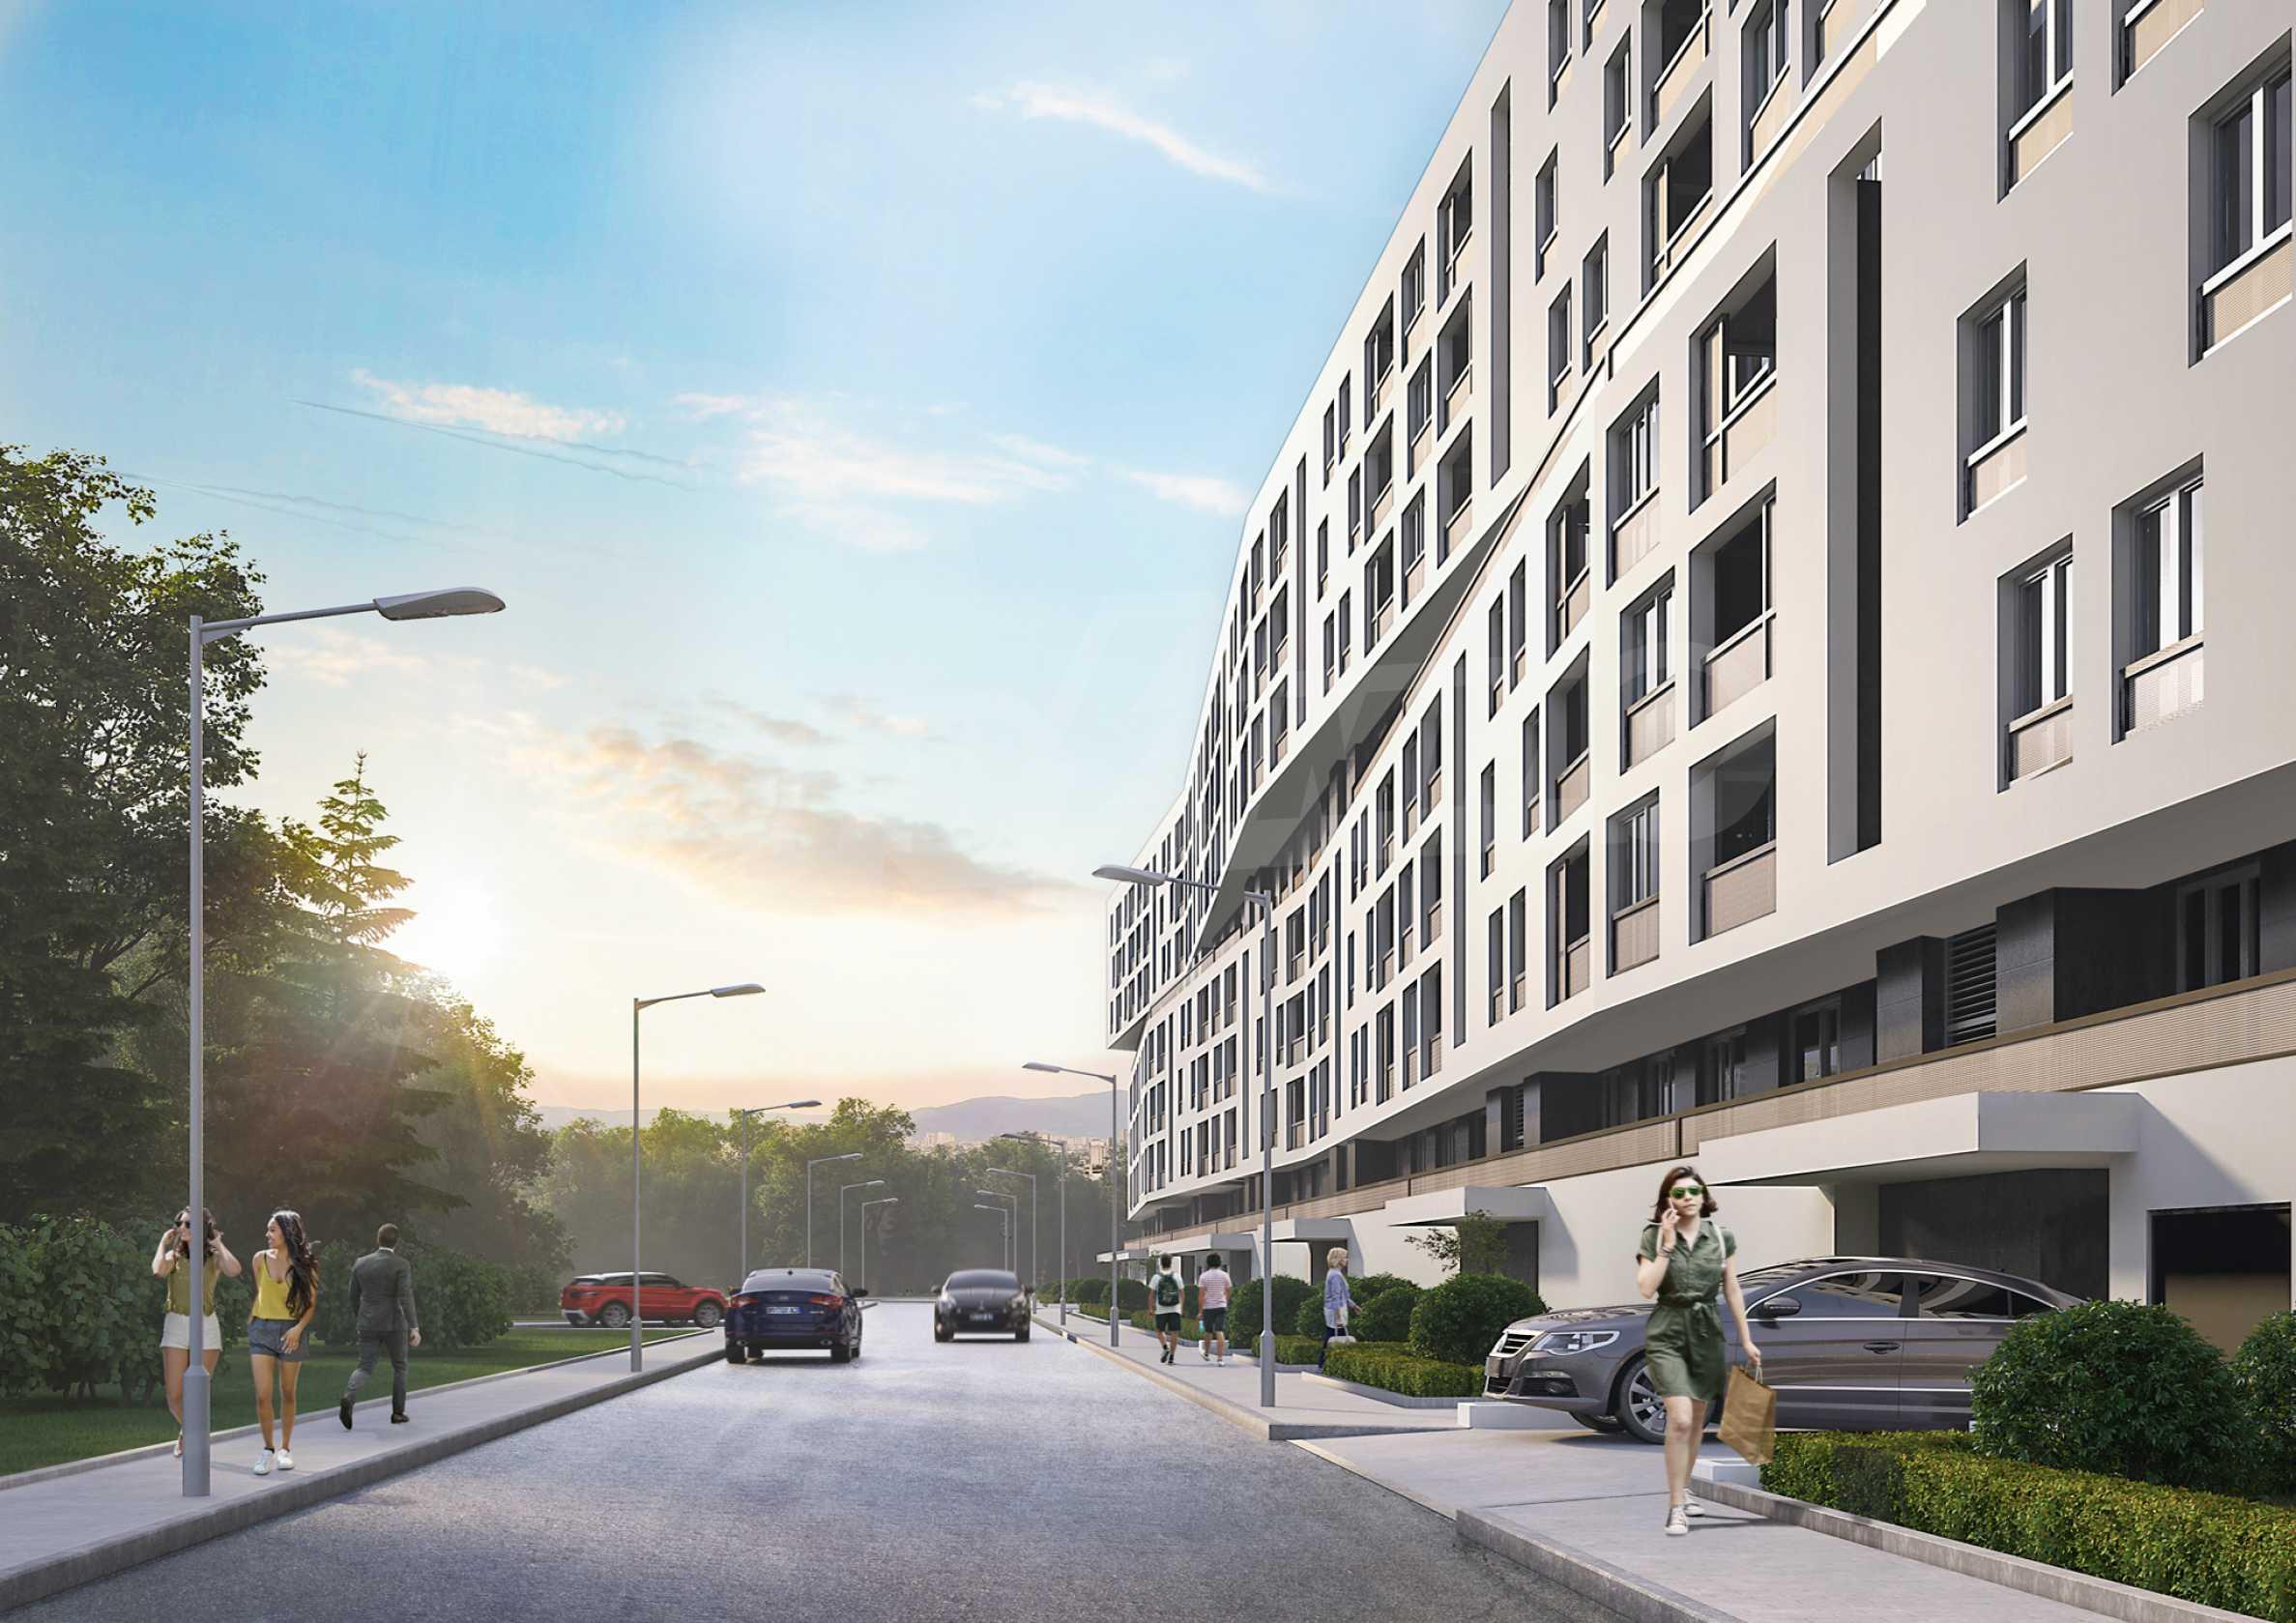 Exklusives Wohnprojekt in einer ruhigen Grünlage nahe Zentrum 3